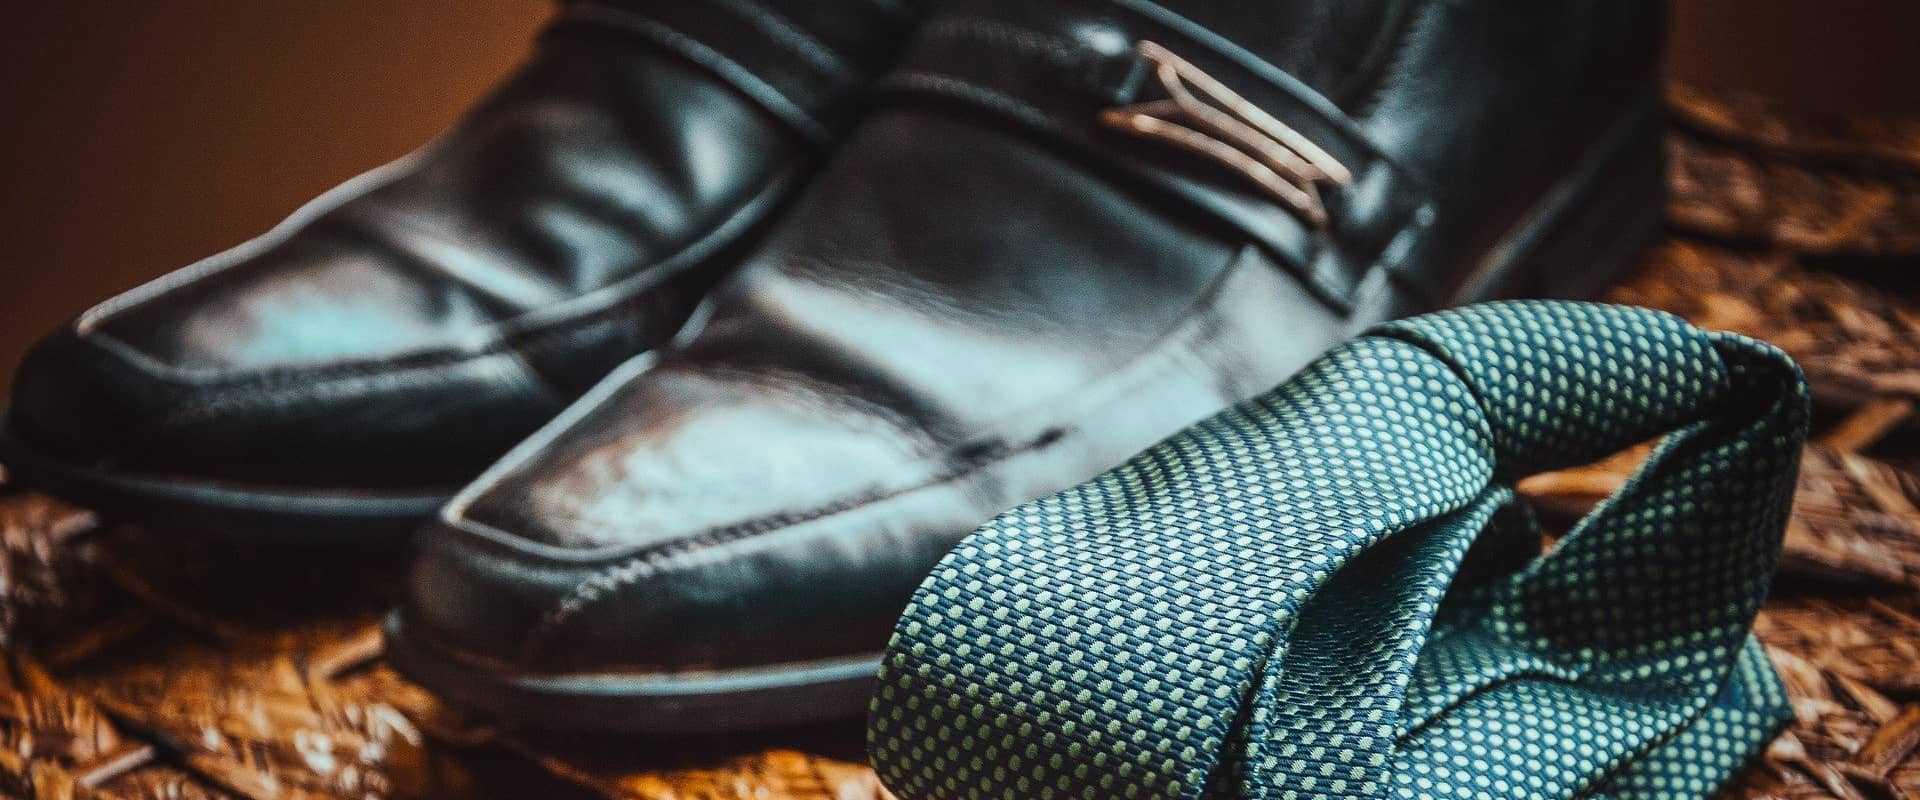 COSYS Einzelhandel App für Leder-Schuh